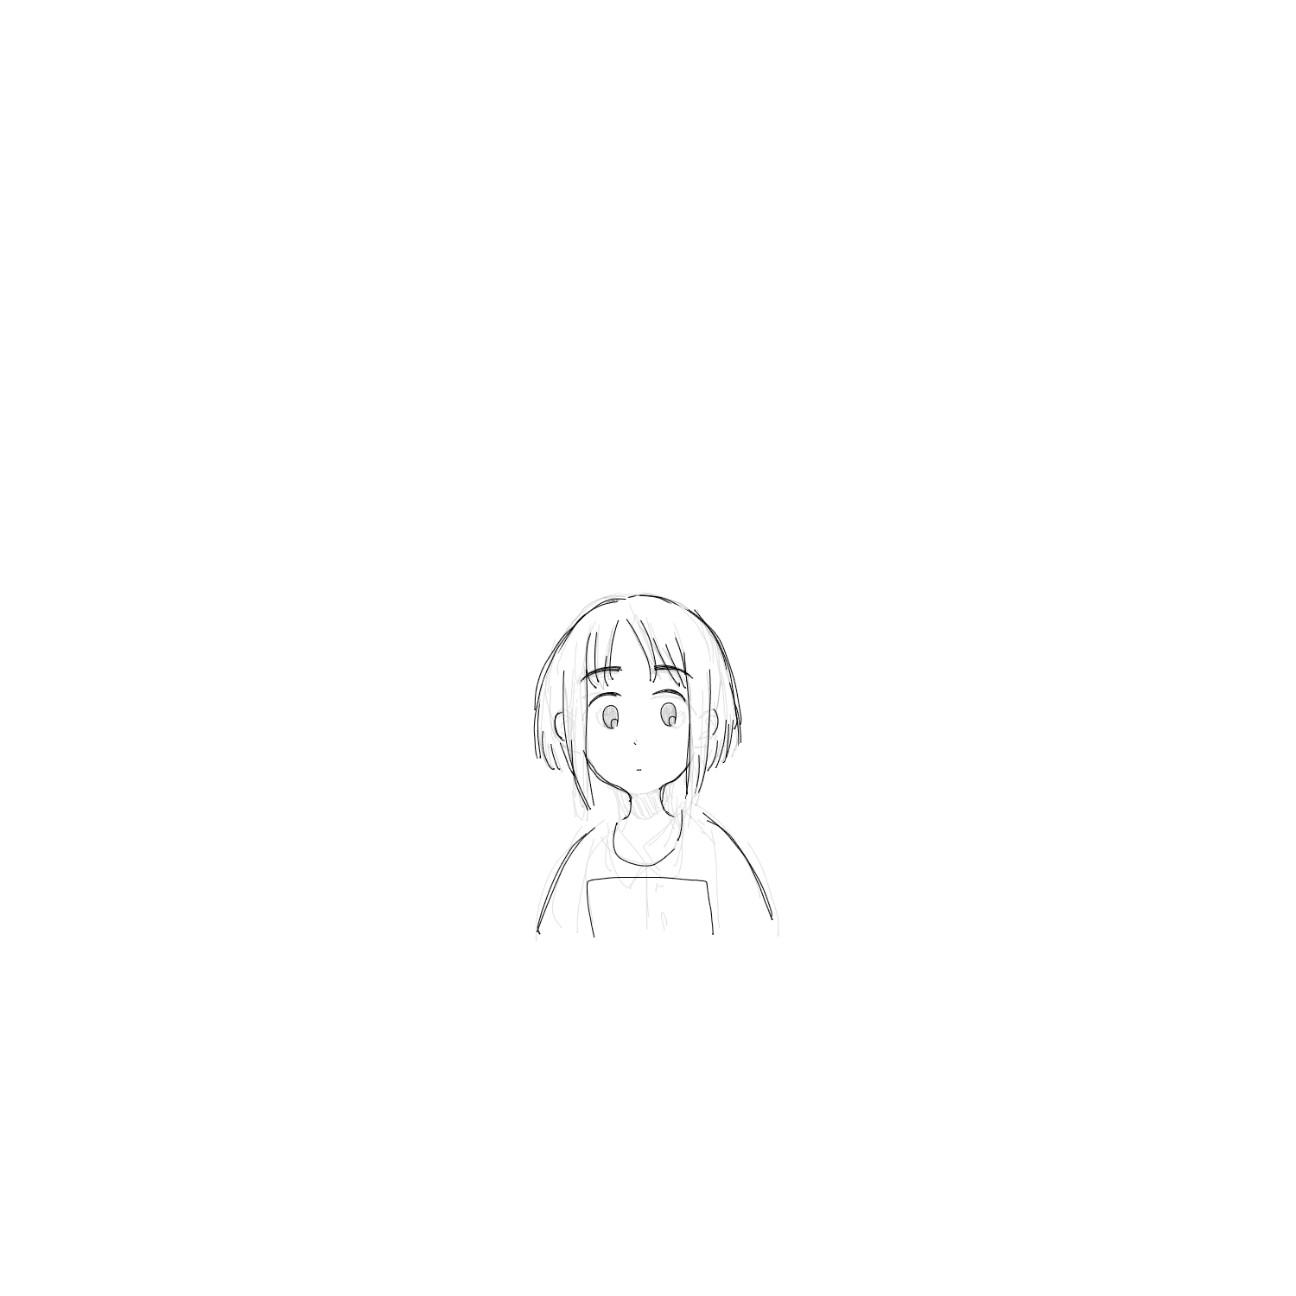 f:id:torieee:20160803225528j:image